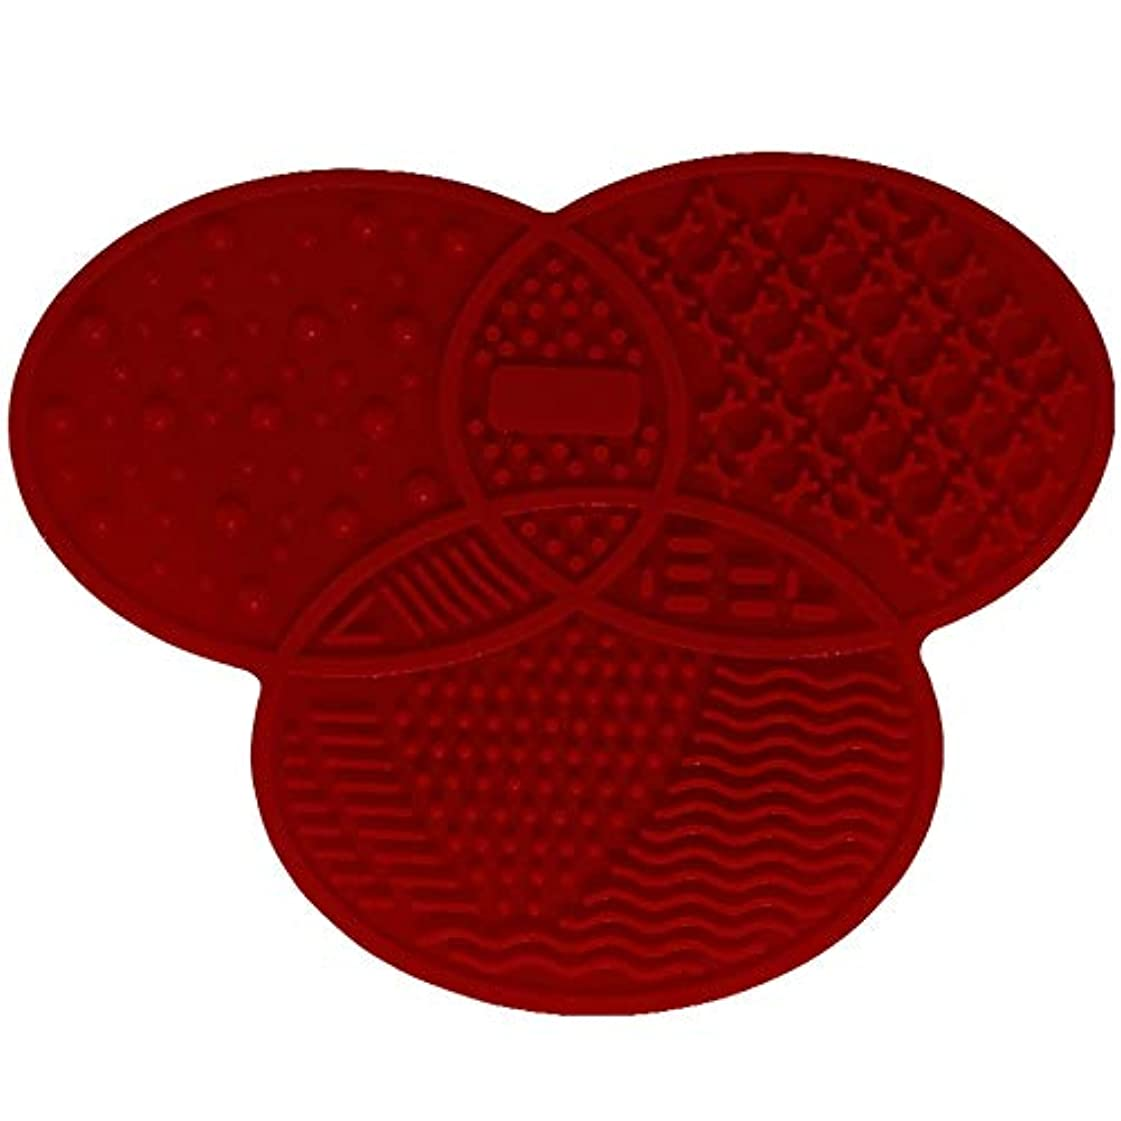 鉛しなければならない可能性シリコンブラシクリーナー化粧品メイクアップウォッシュブラシジェルクリーニングマットファンデーションメイクブラシクリーナーパッドスクラブボード - レッド